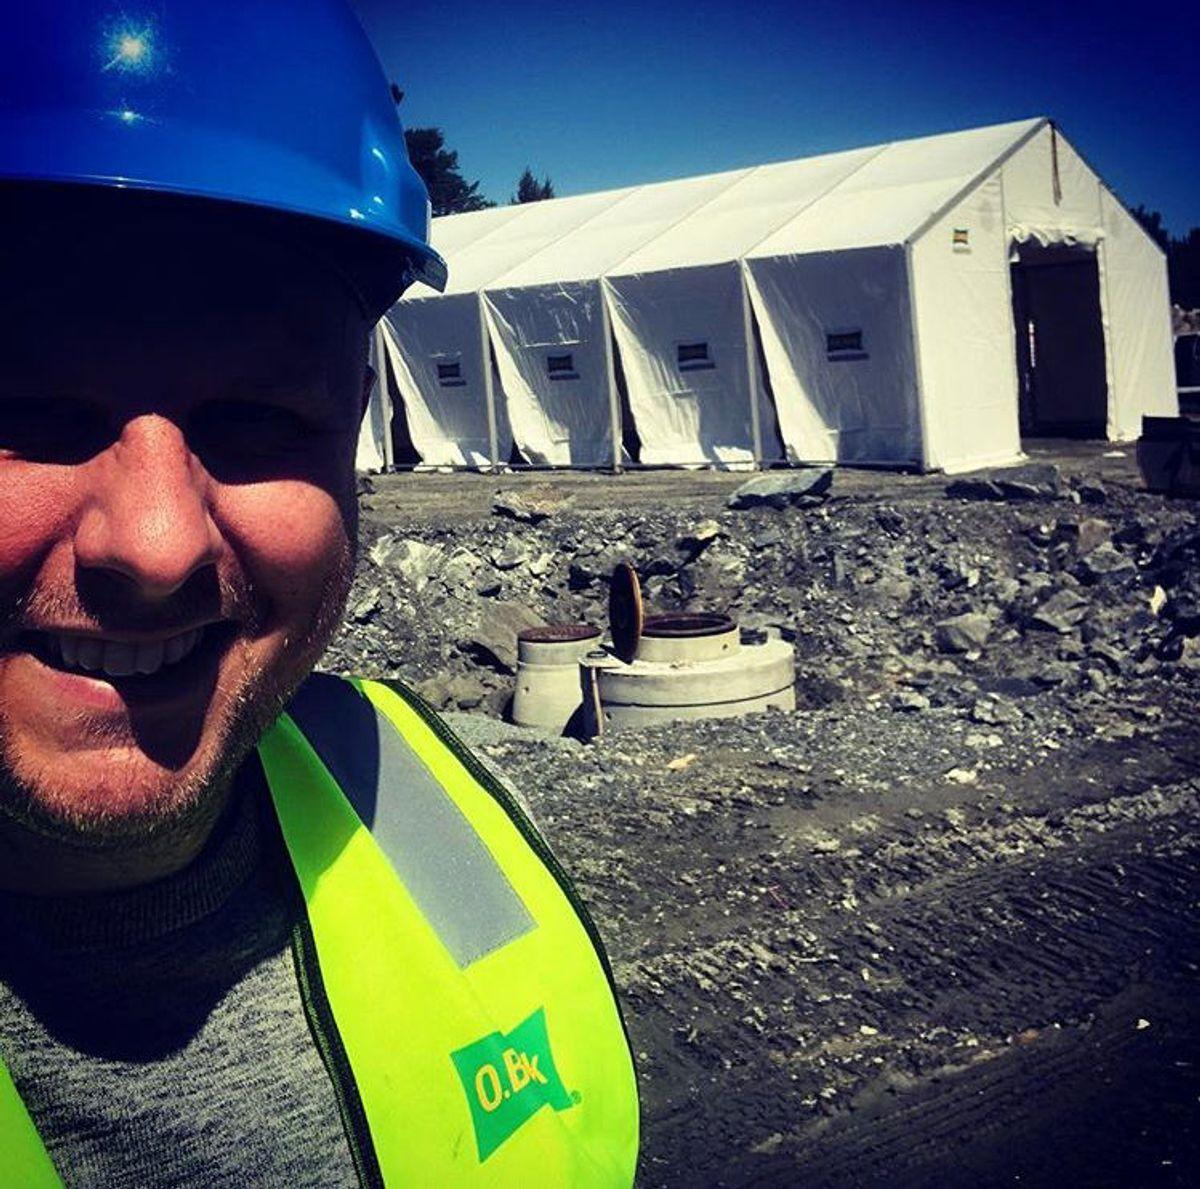 #obwiik #instant #arbeidstelt #wiikhall #norway #bergen #jobbemann #byggeliv Foto: Halvor Bernaas